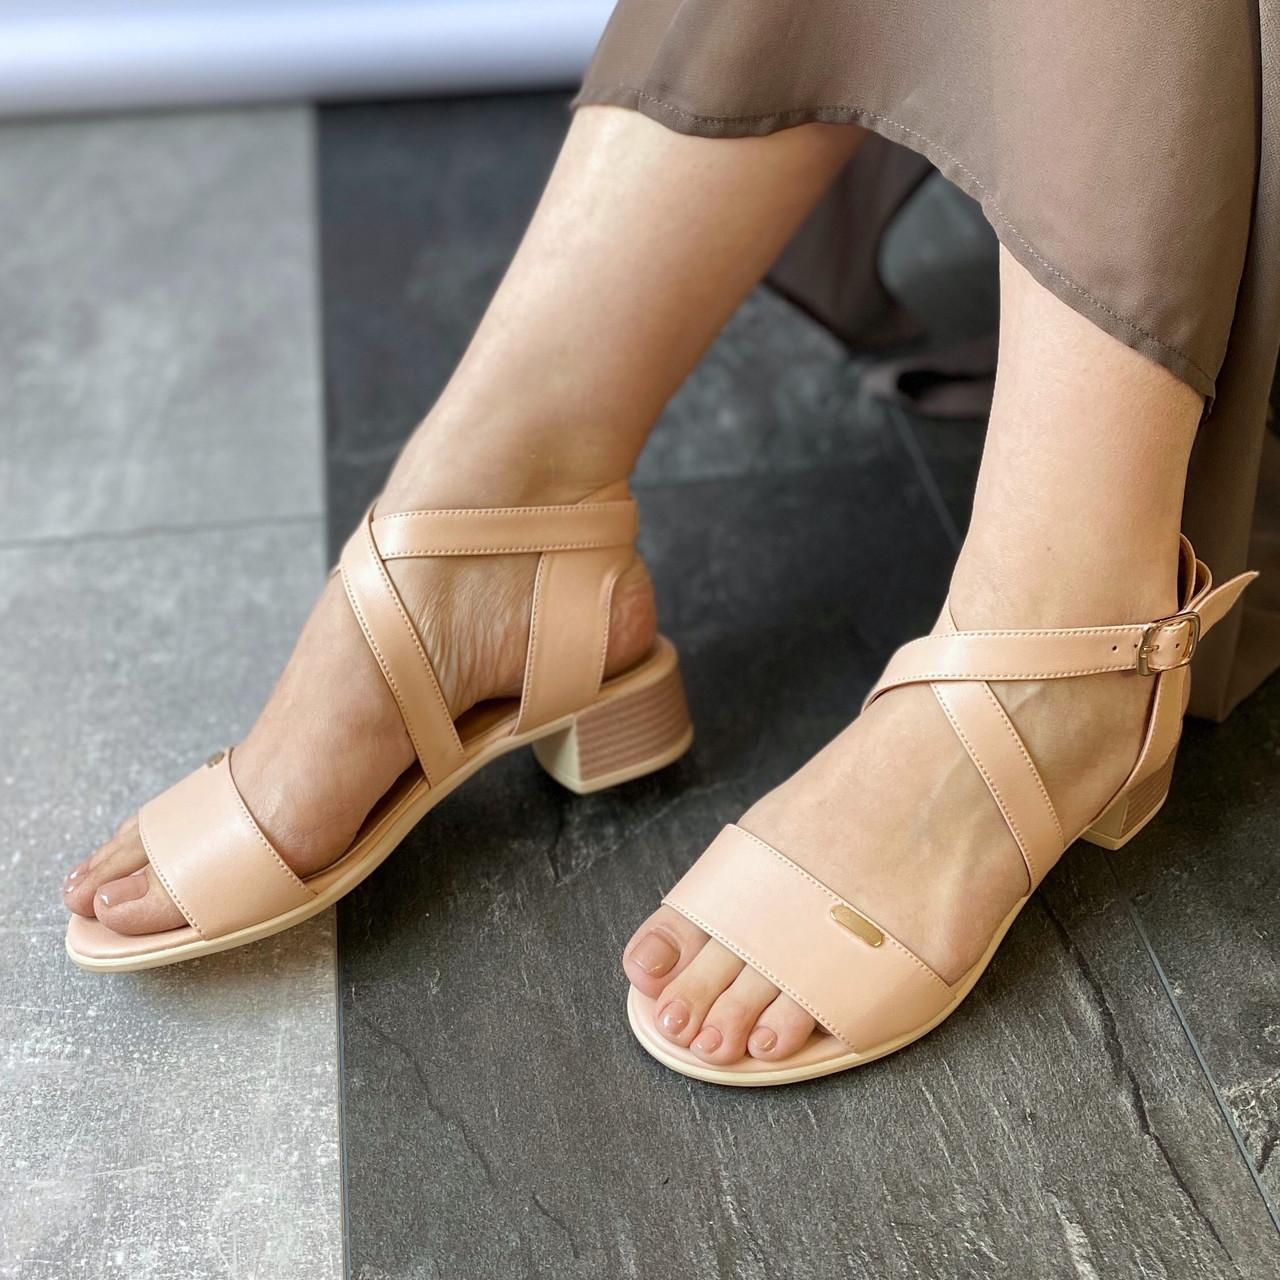 Женские босоножки на каблуке MORENTO - бежевые, экокожа, натуральная кожа, лето